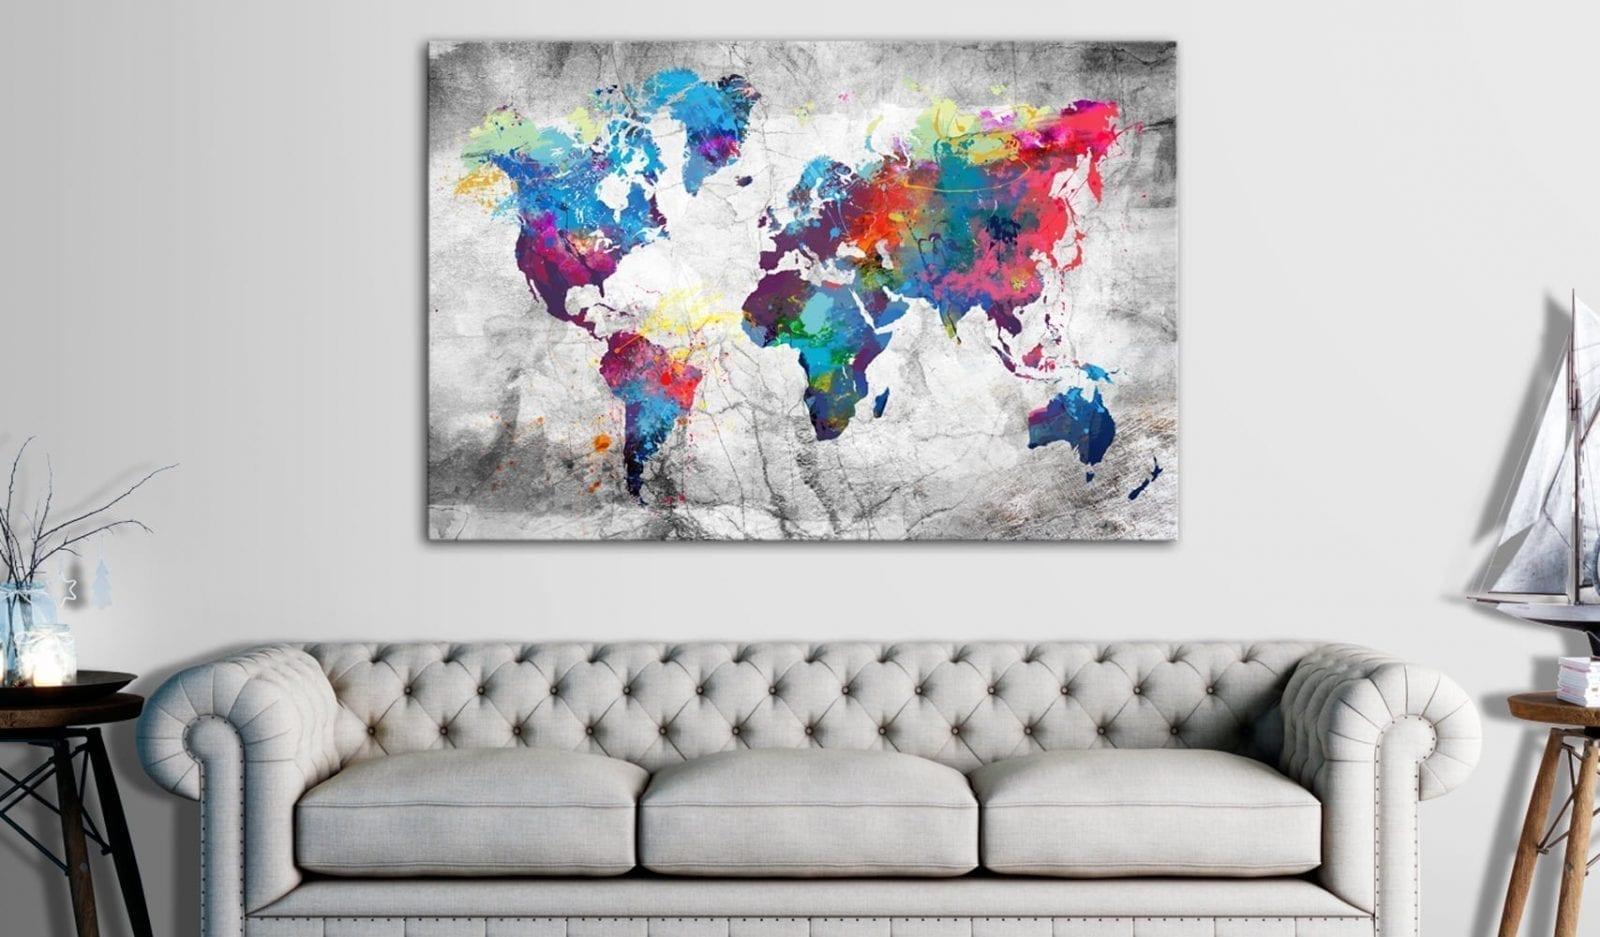 Tablero de corcho - World Map: Grey Style 2 | Potspintura.com